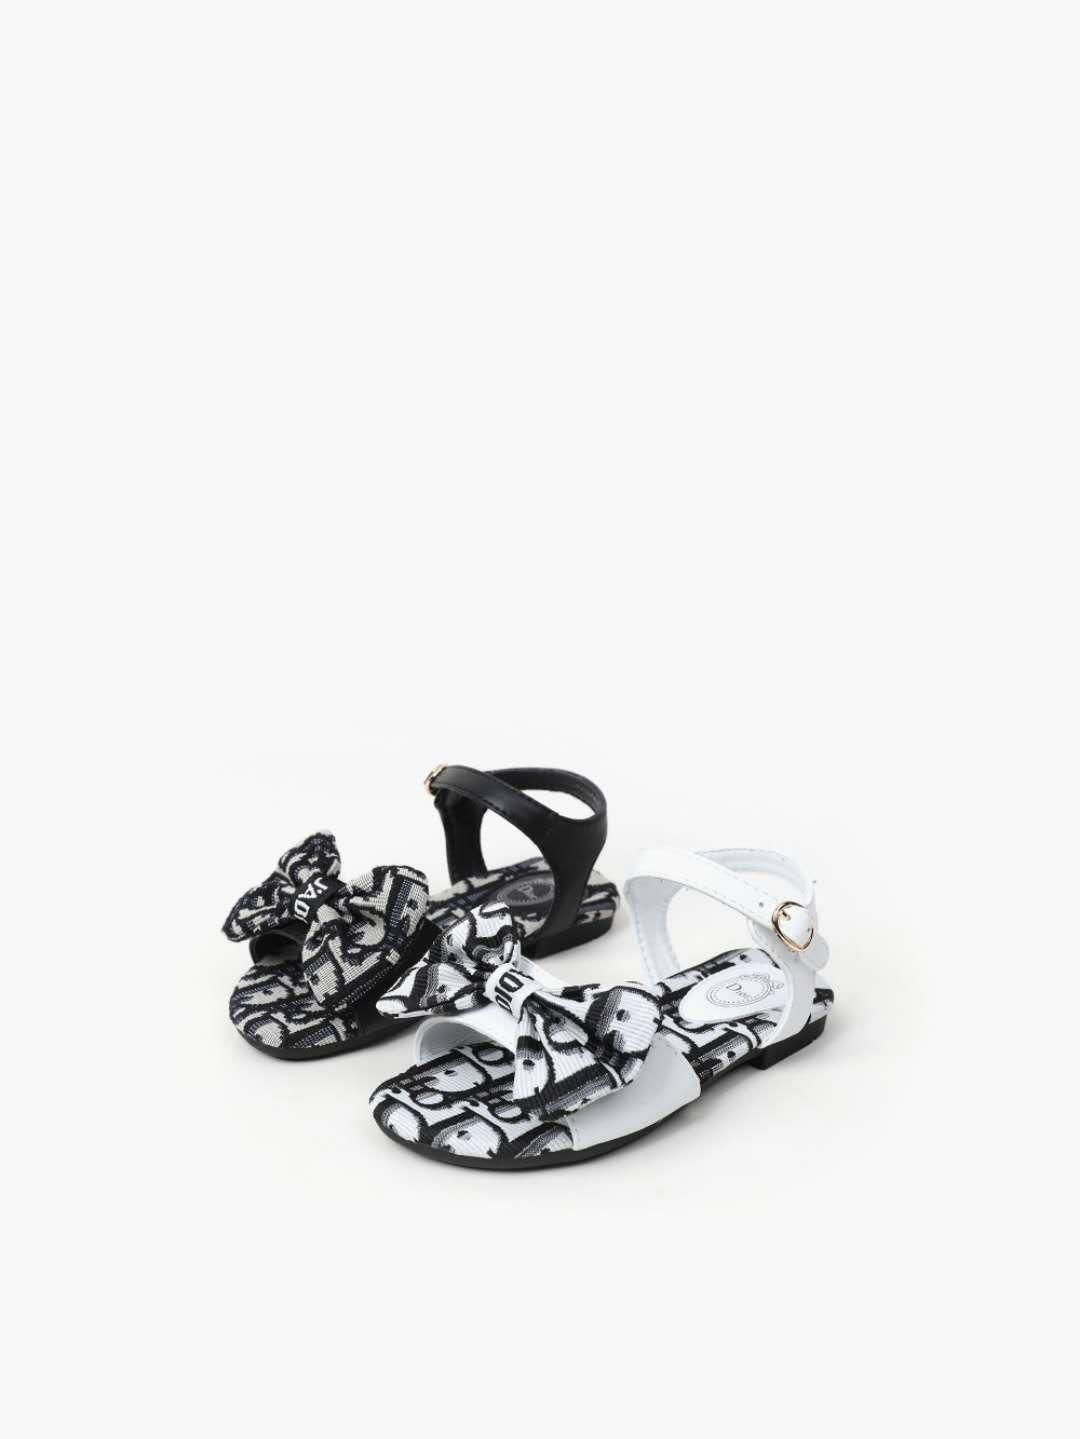 حذاء طفل الصنادل السوداء للفتيات الصغيرات حذاء اللباس الصيف 2020 جديد وصول الطفل النعال حذاء طفل المشي النعال المنزل 9C-3Y